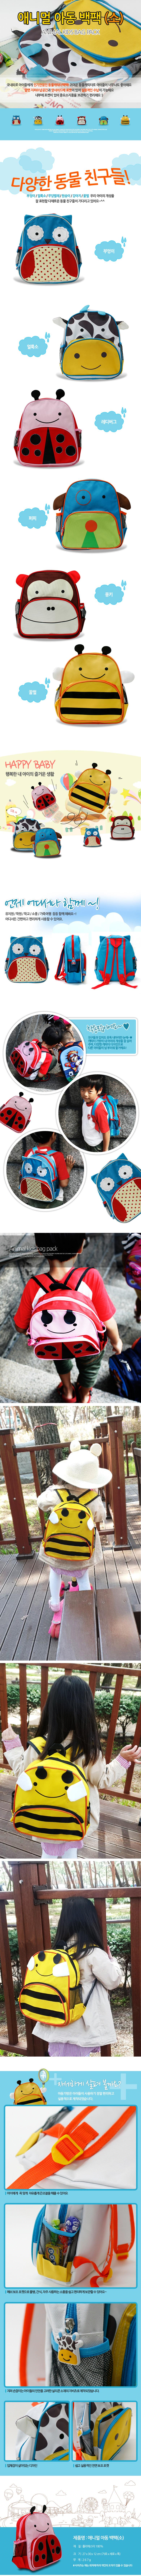 kidsbag_s.jpg